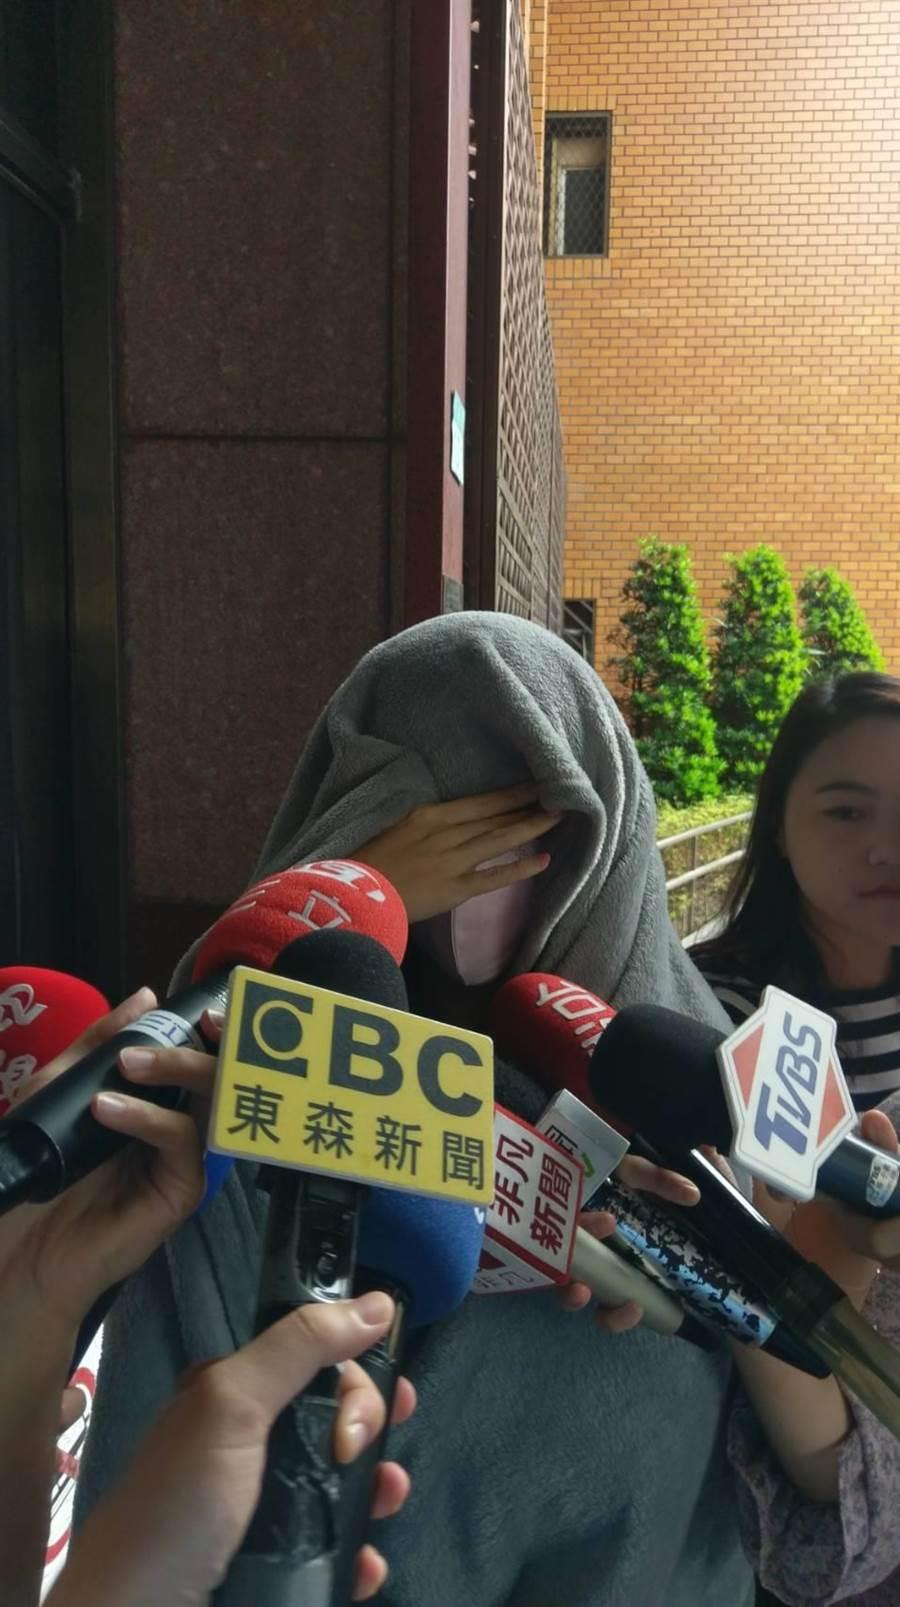 「保時捷姐」現身北檢 控訴大陸牛郎騙財騙色(陳志賢攝)